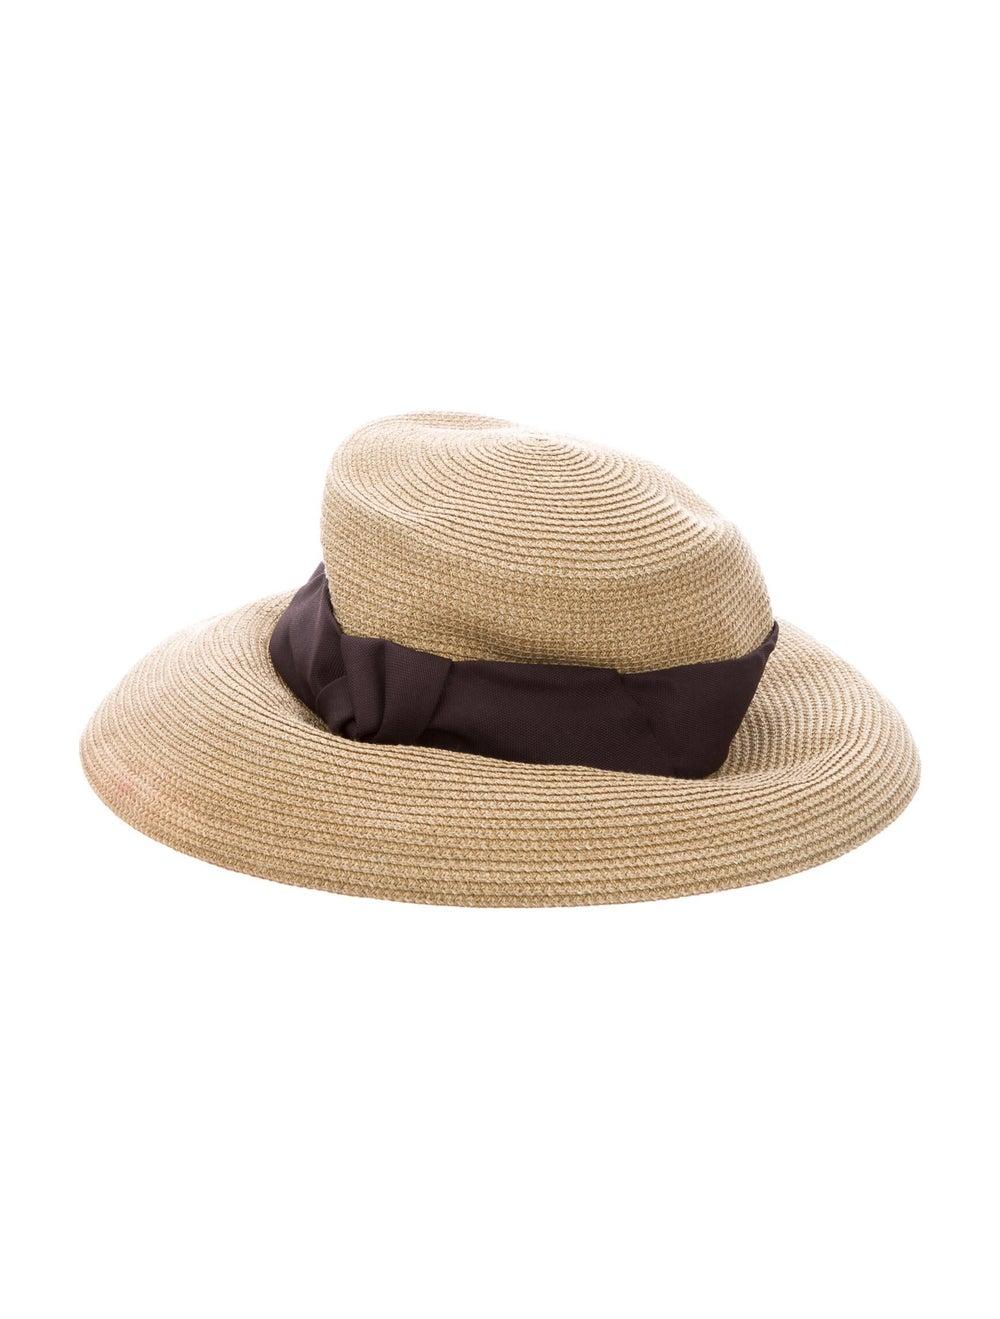 Eric Javits Straw Wide Brim Hat Tan - image 1